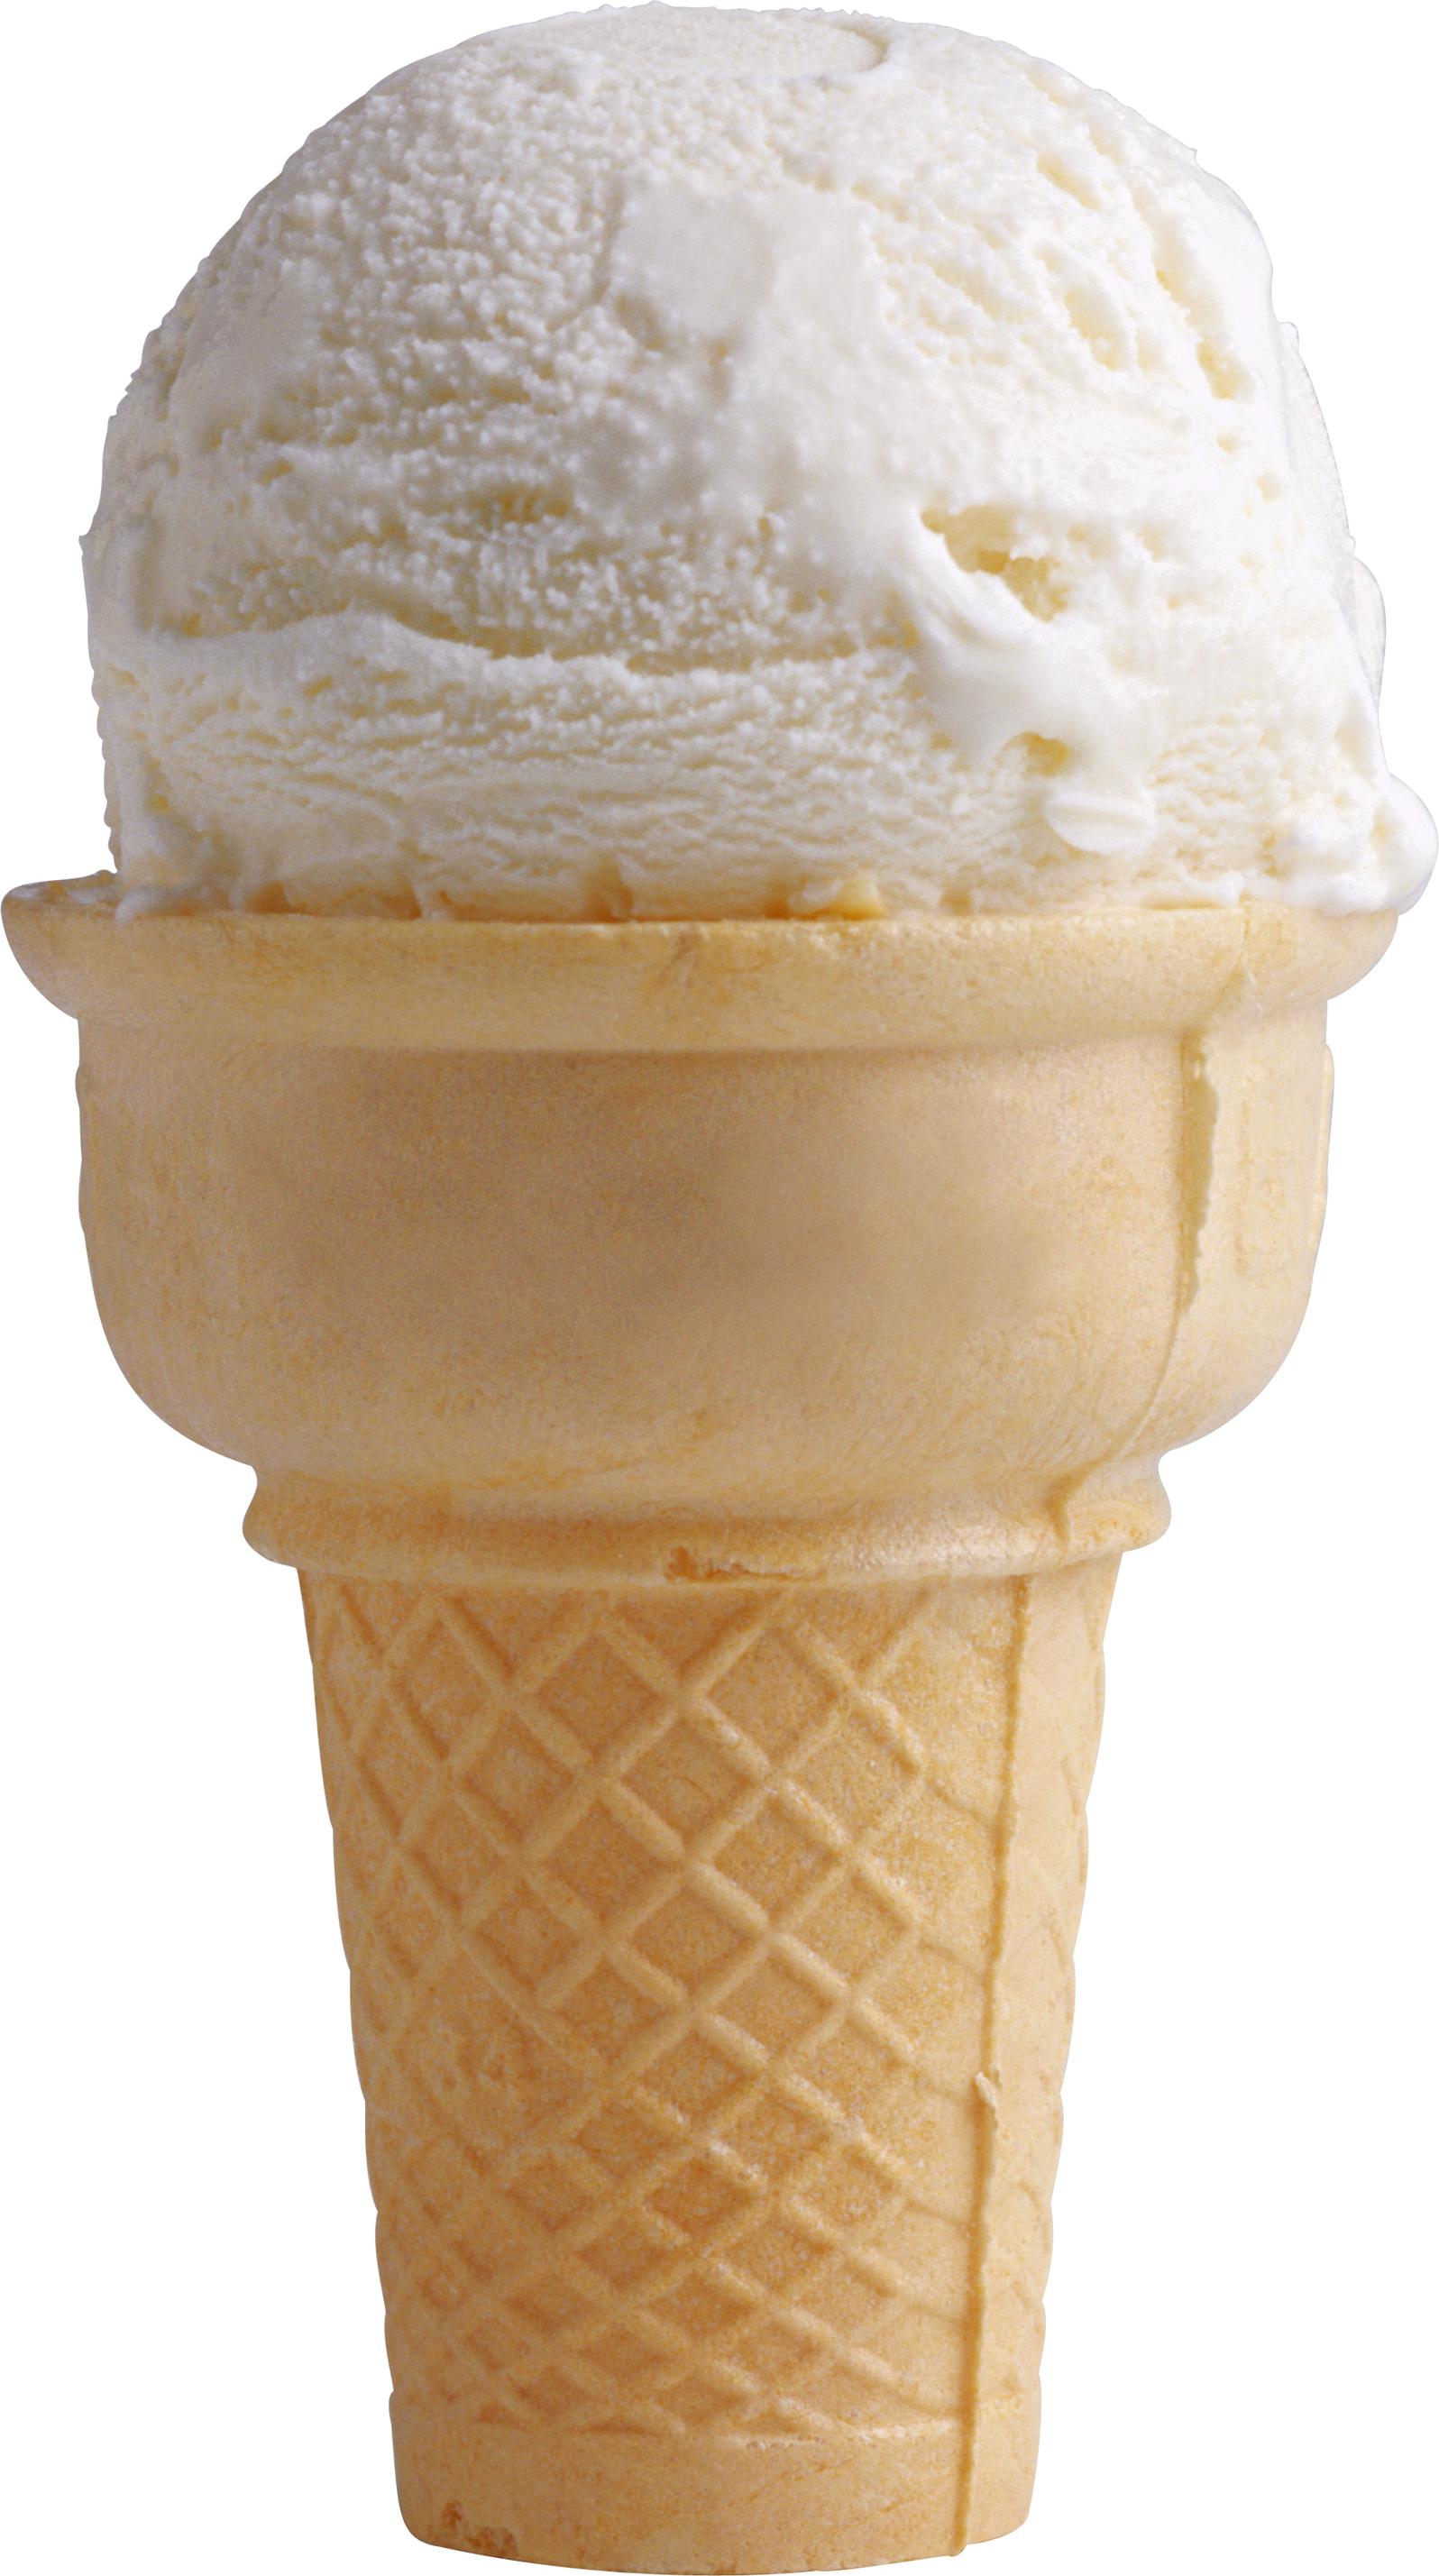 Ice Cream Png Image Ice Cream Cone Images Cinnamon Ice Cream Cinnamon Ice Cream Recipe